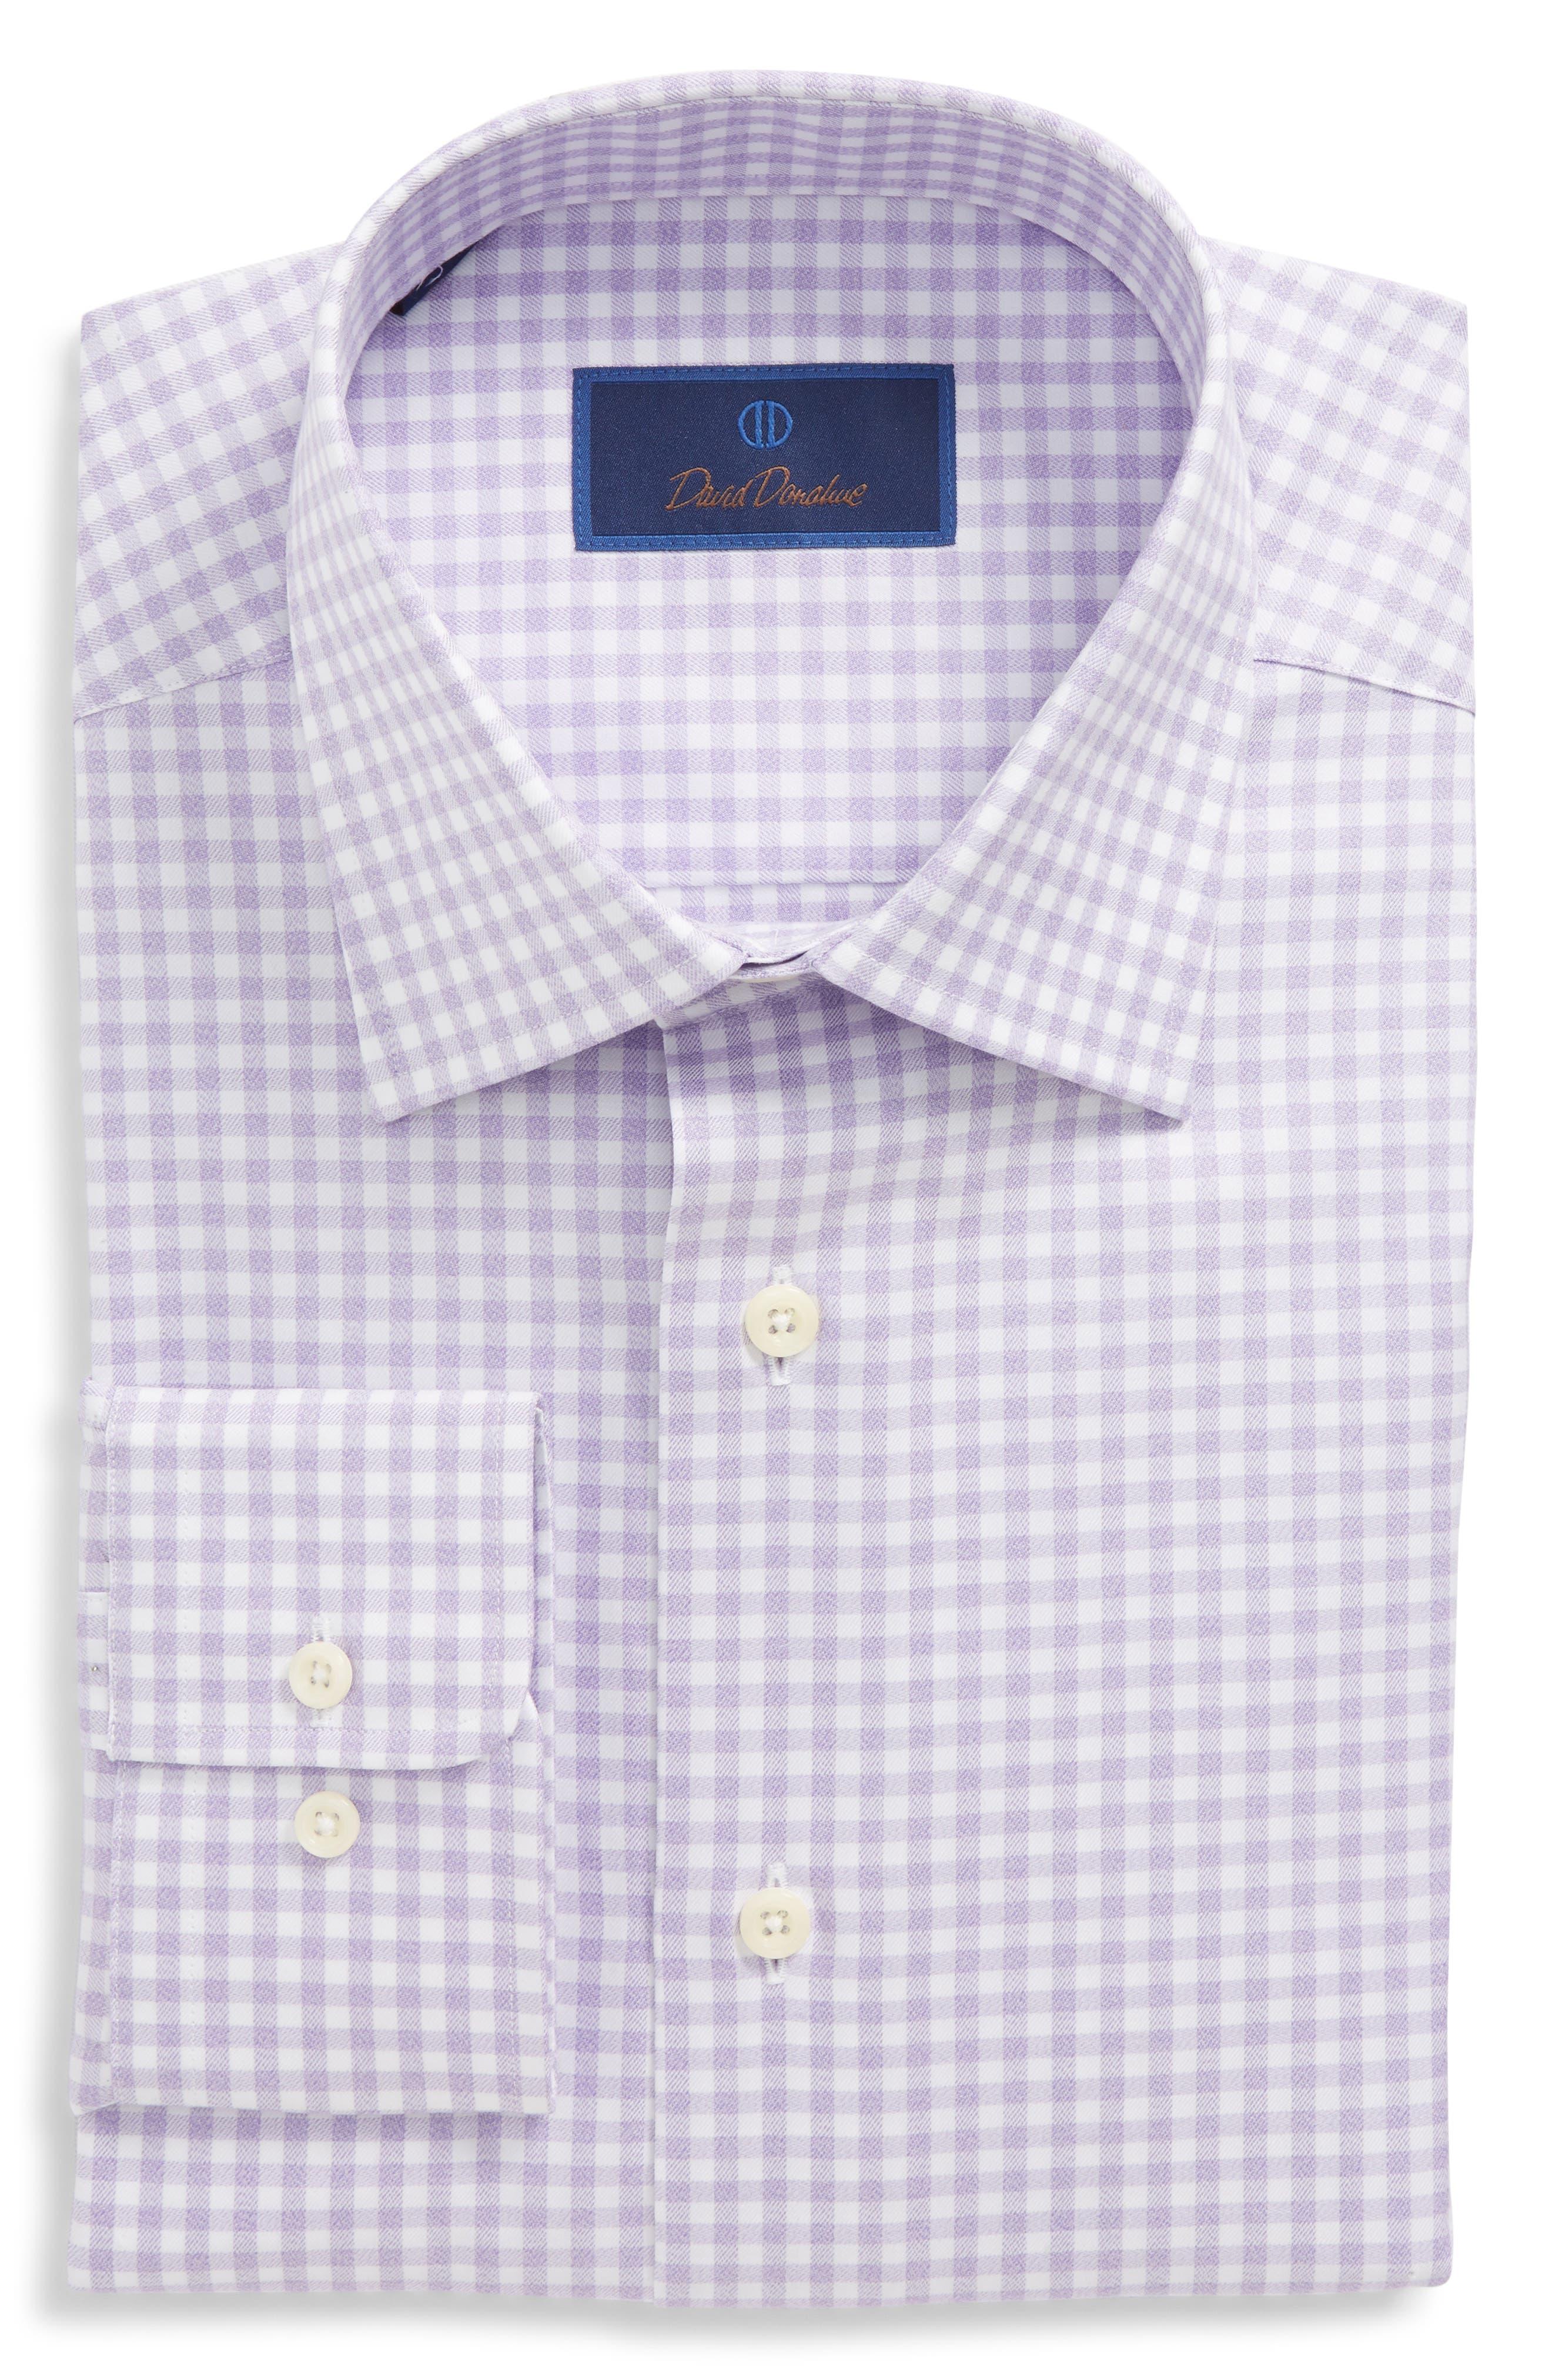 Regular Fit Check Dress Shirt,                             Main thumbnail 2, color,